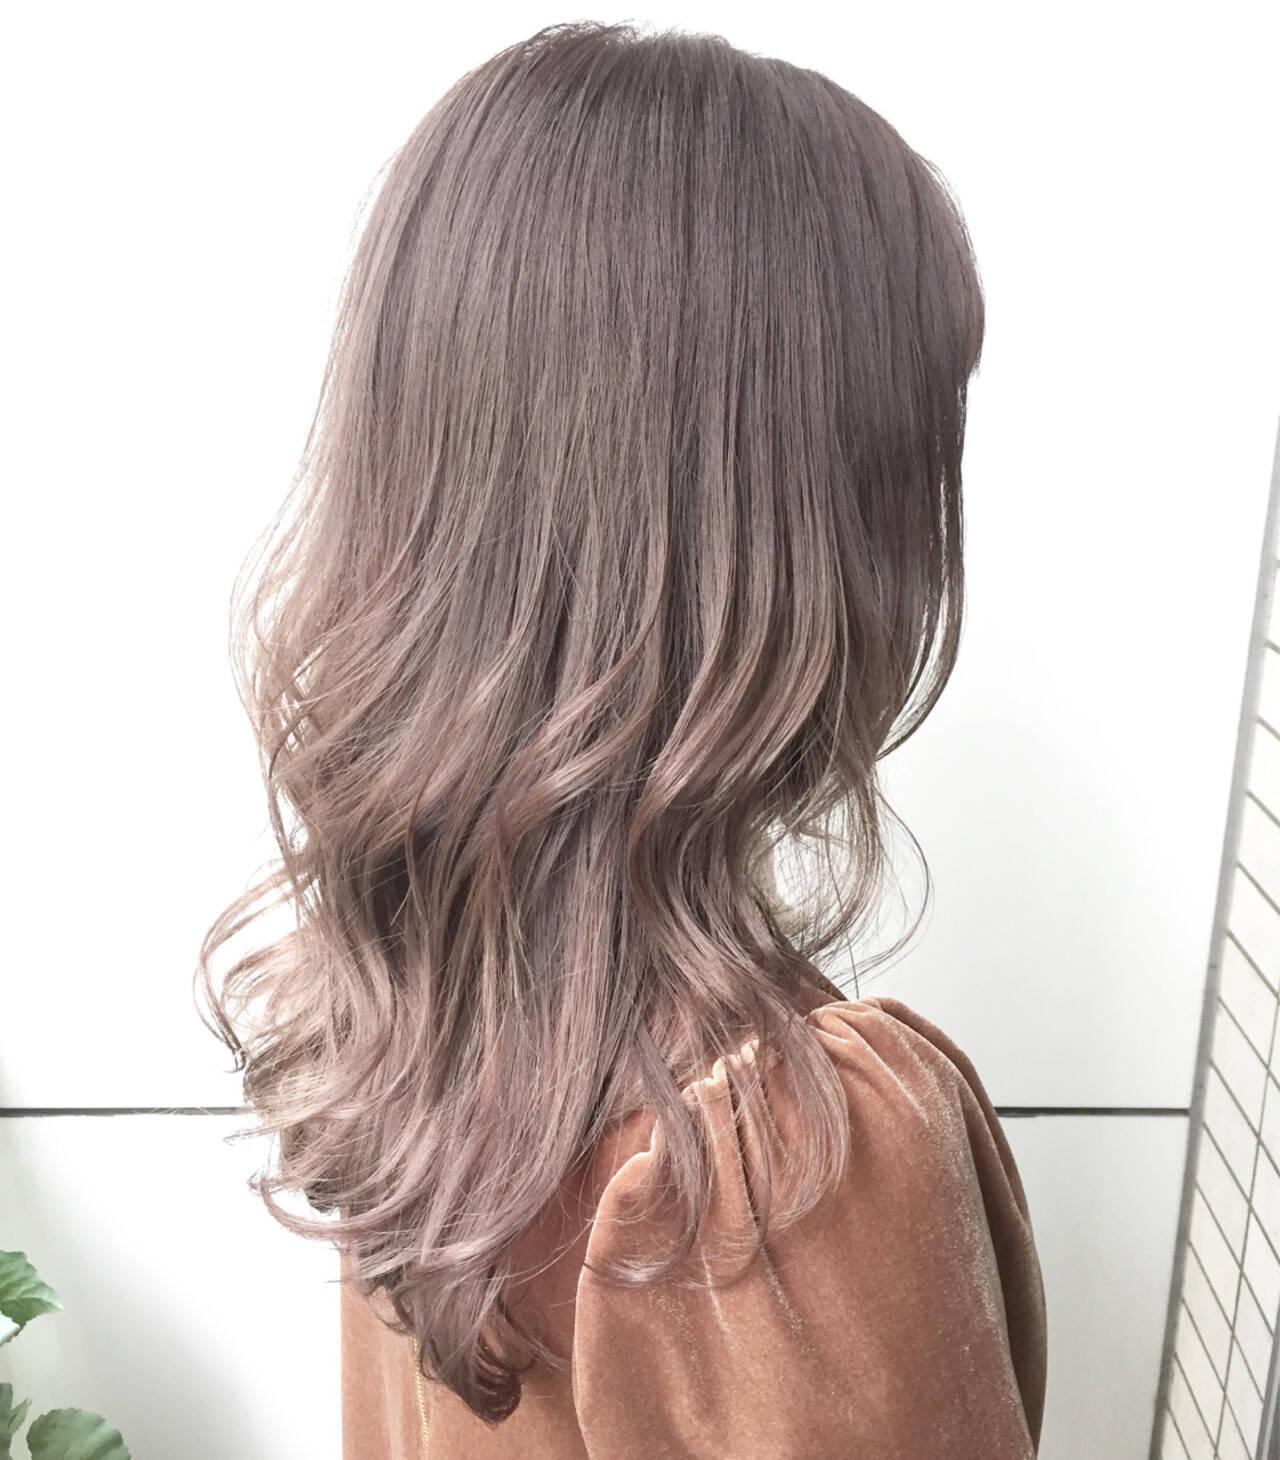 フェミニン セミロング 簡単ヘアアレンジヘアスタイルや髪型の写真・画像